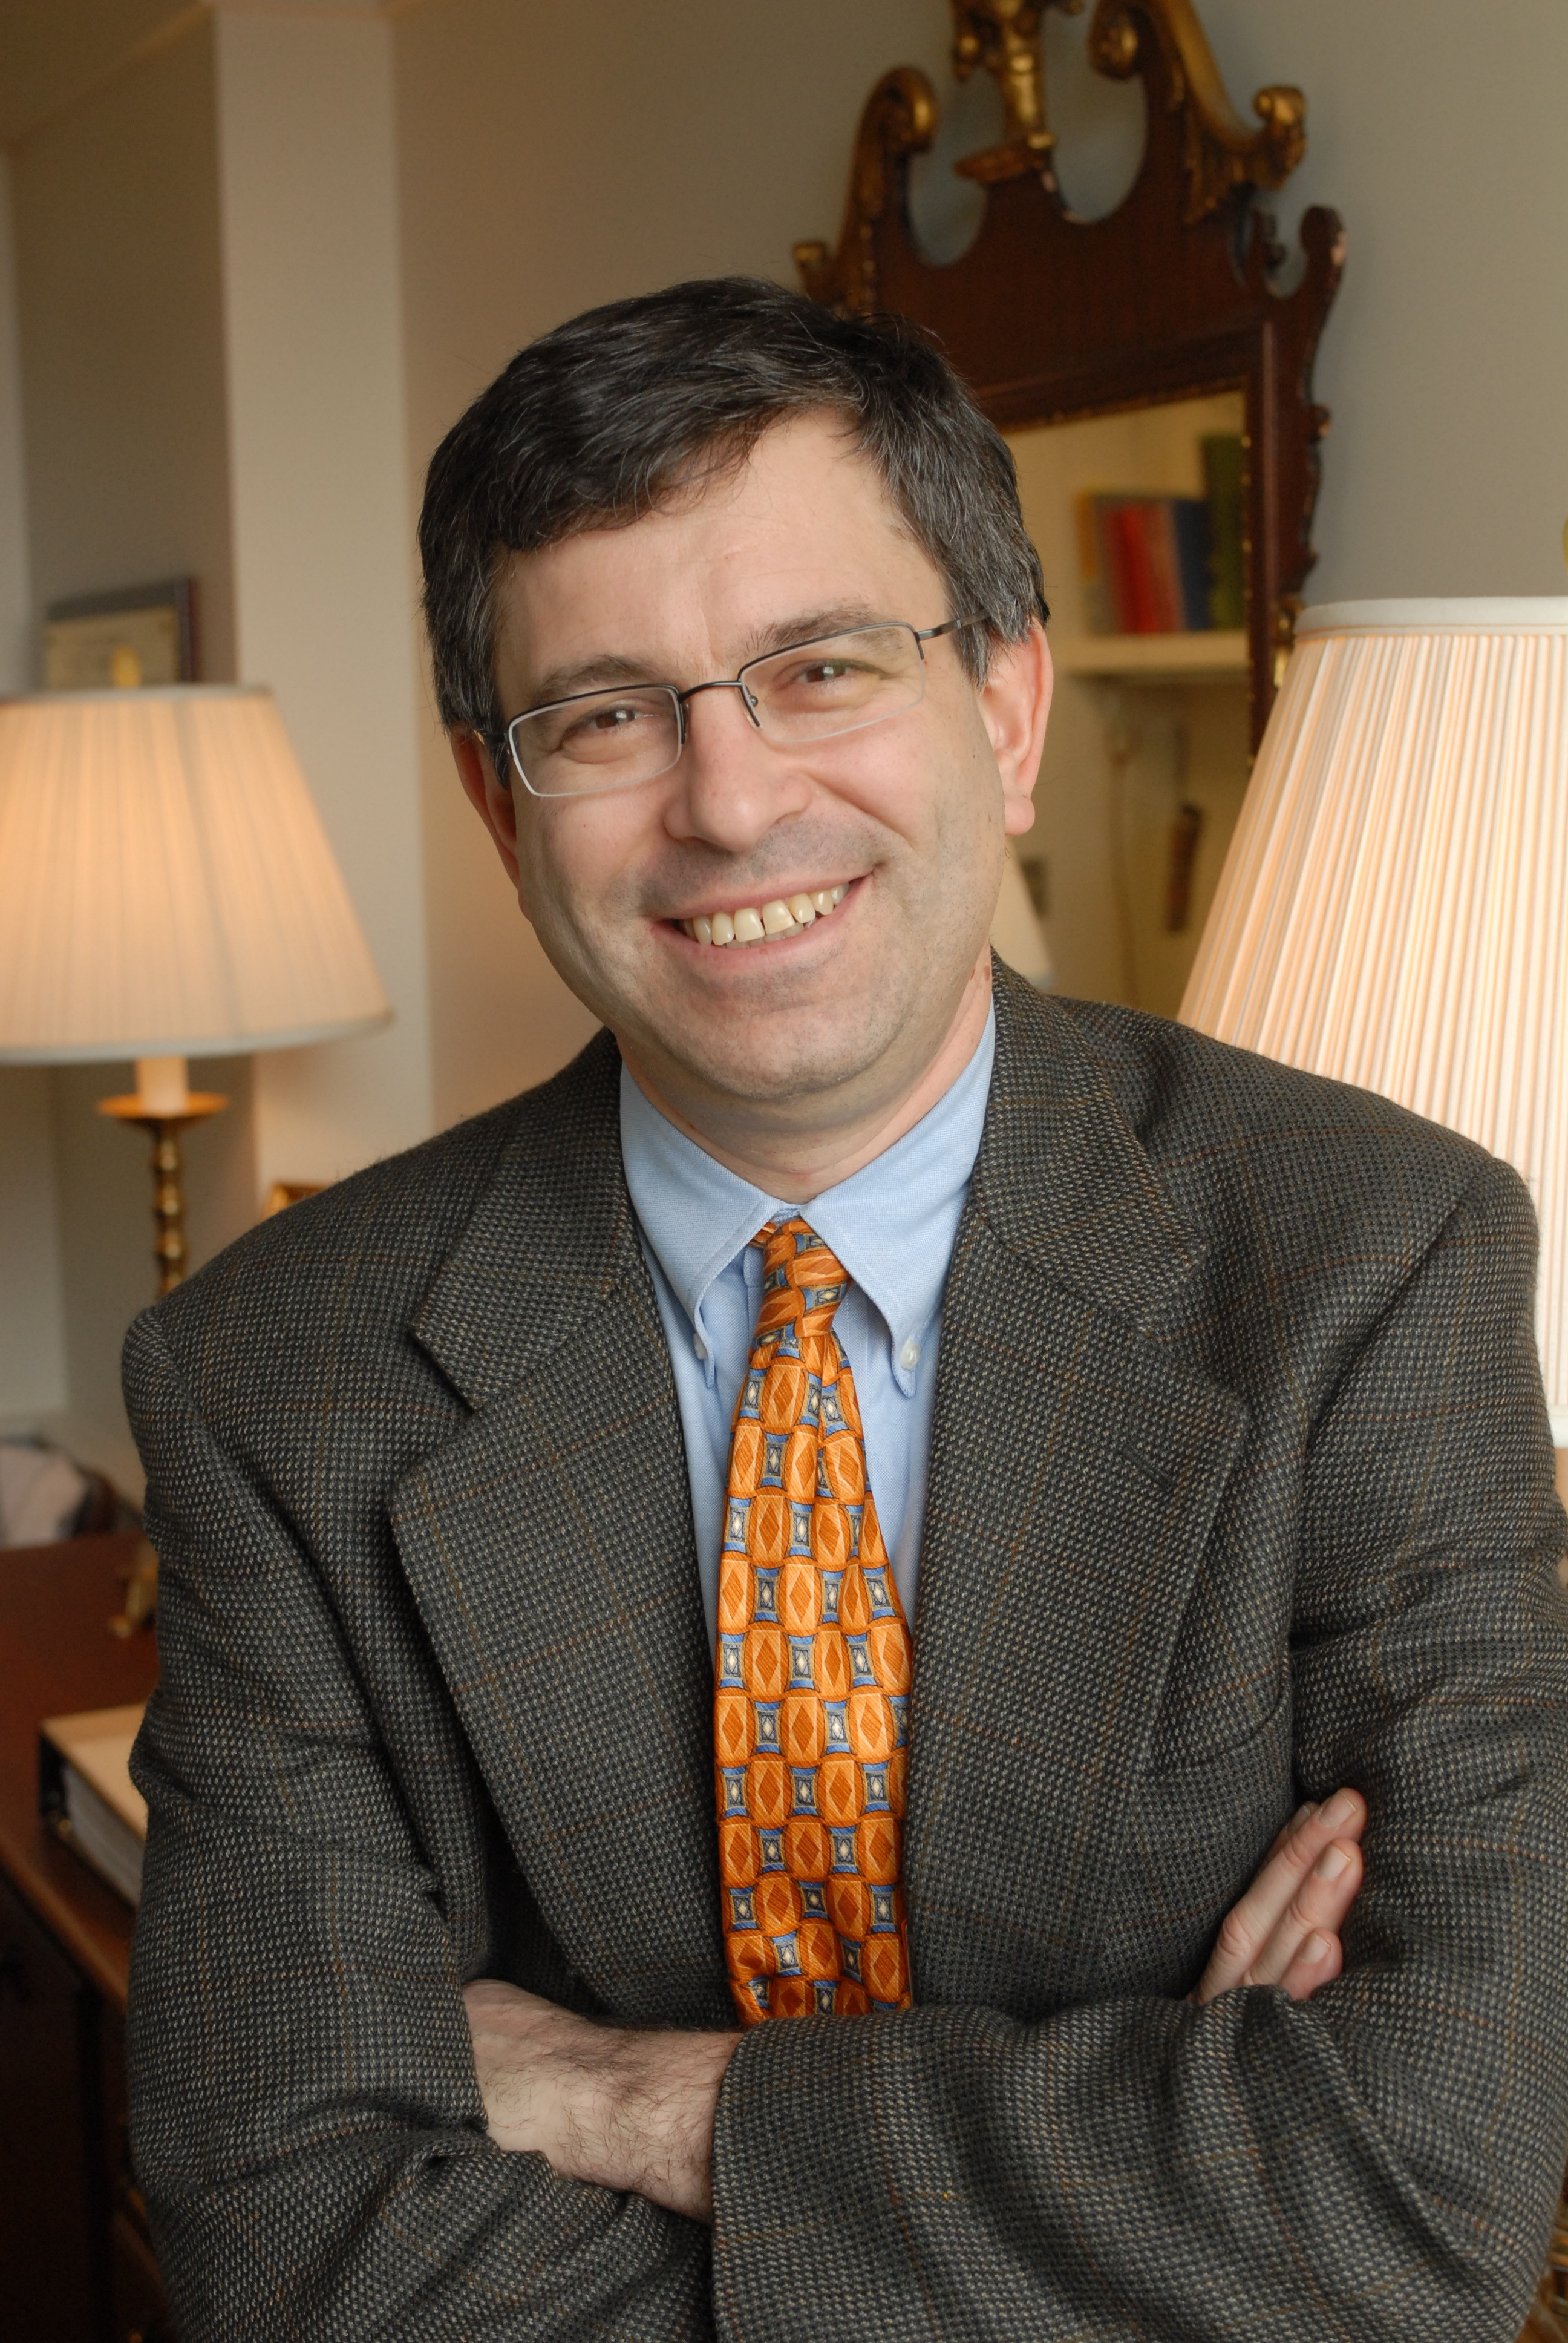 Jeffrey Ecker, MD